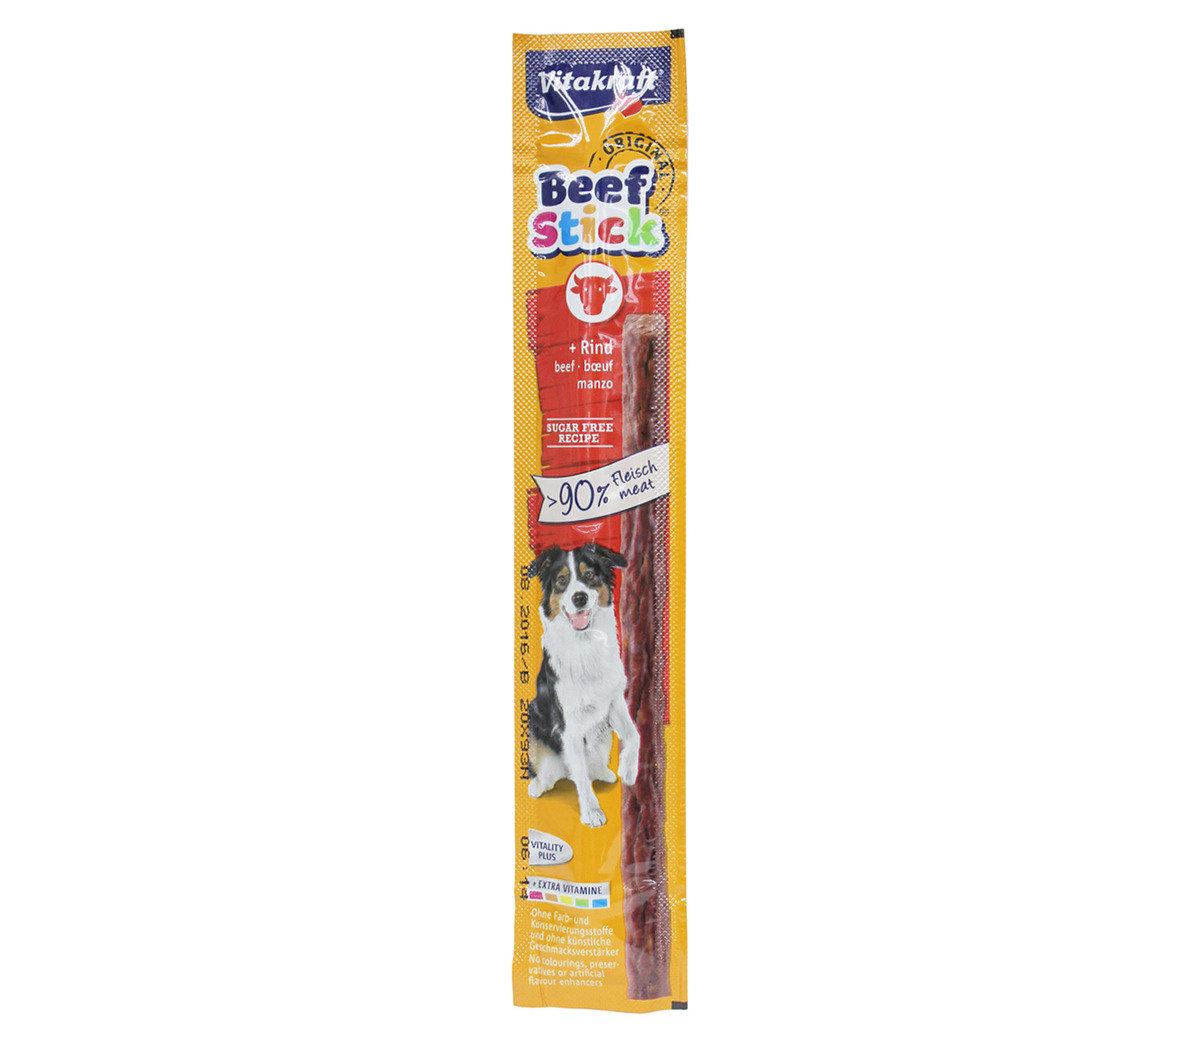 牛肉條1支莊(12克)